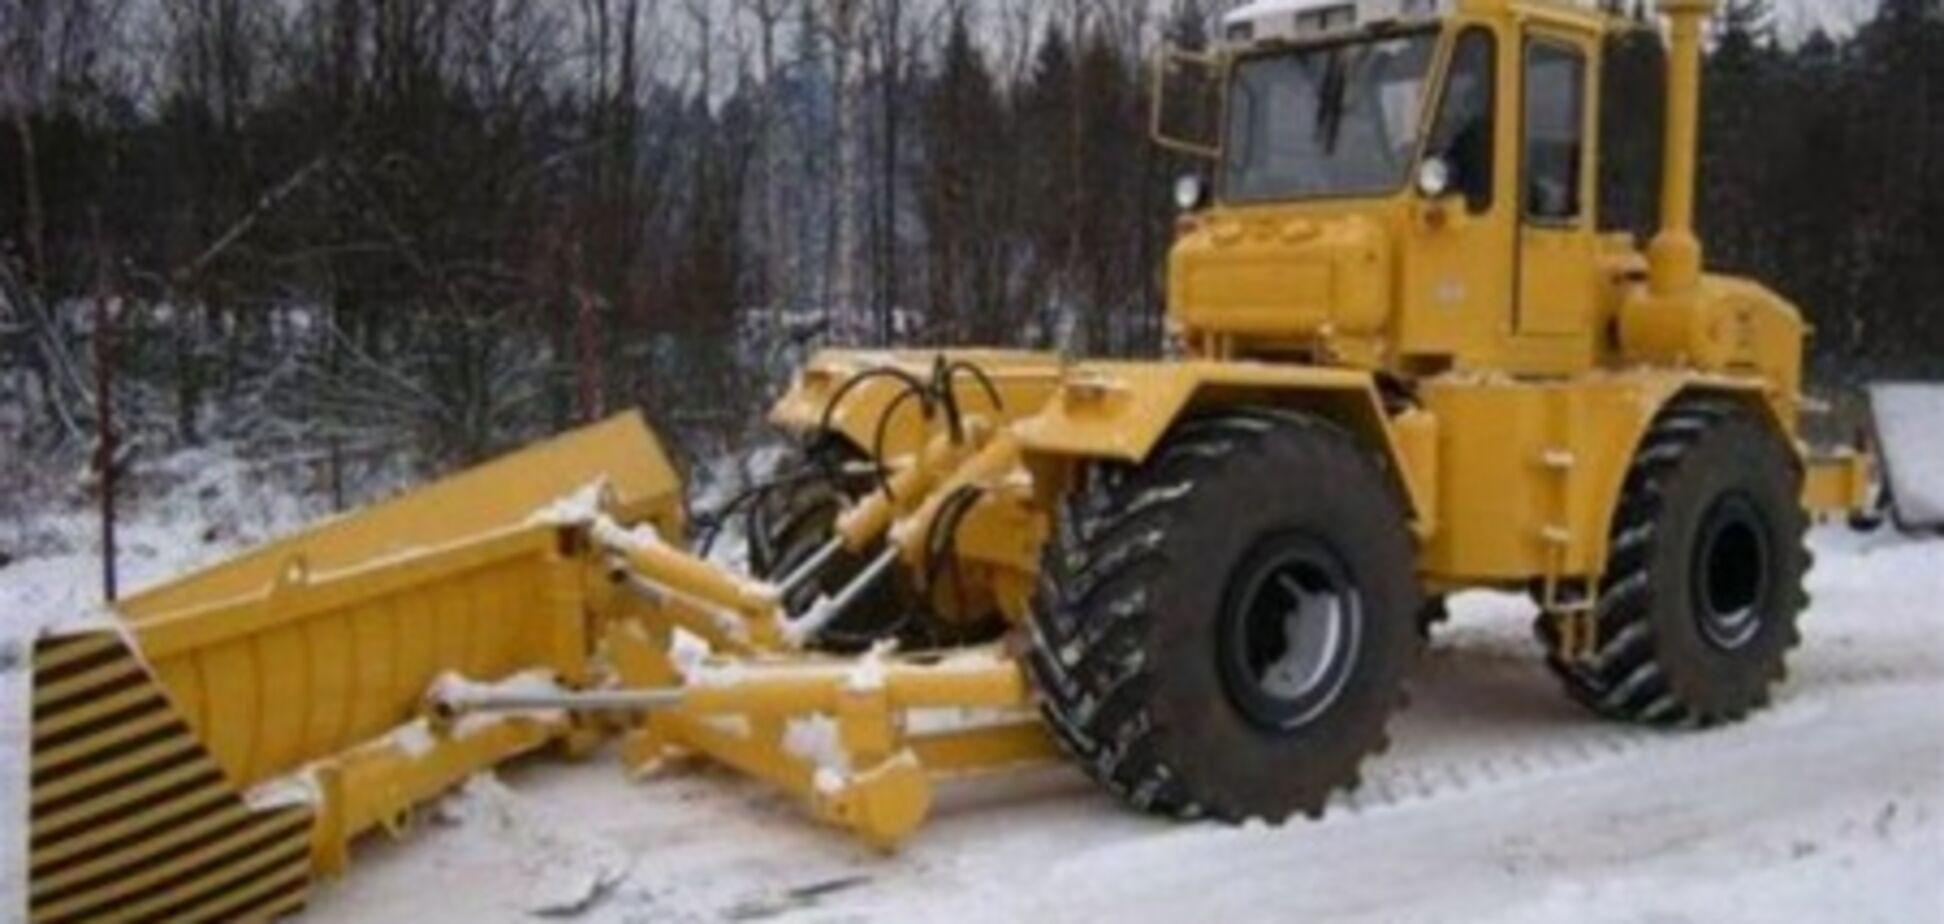 Близько 8 тис. людей і більше тисячі машин кинуті на розчищення снігу в Україні